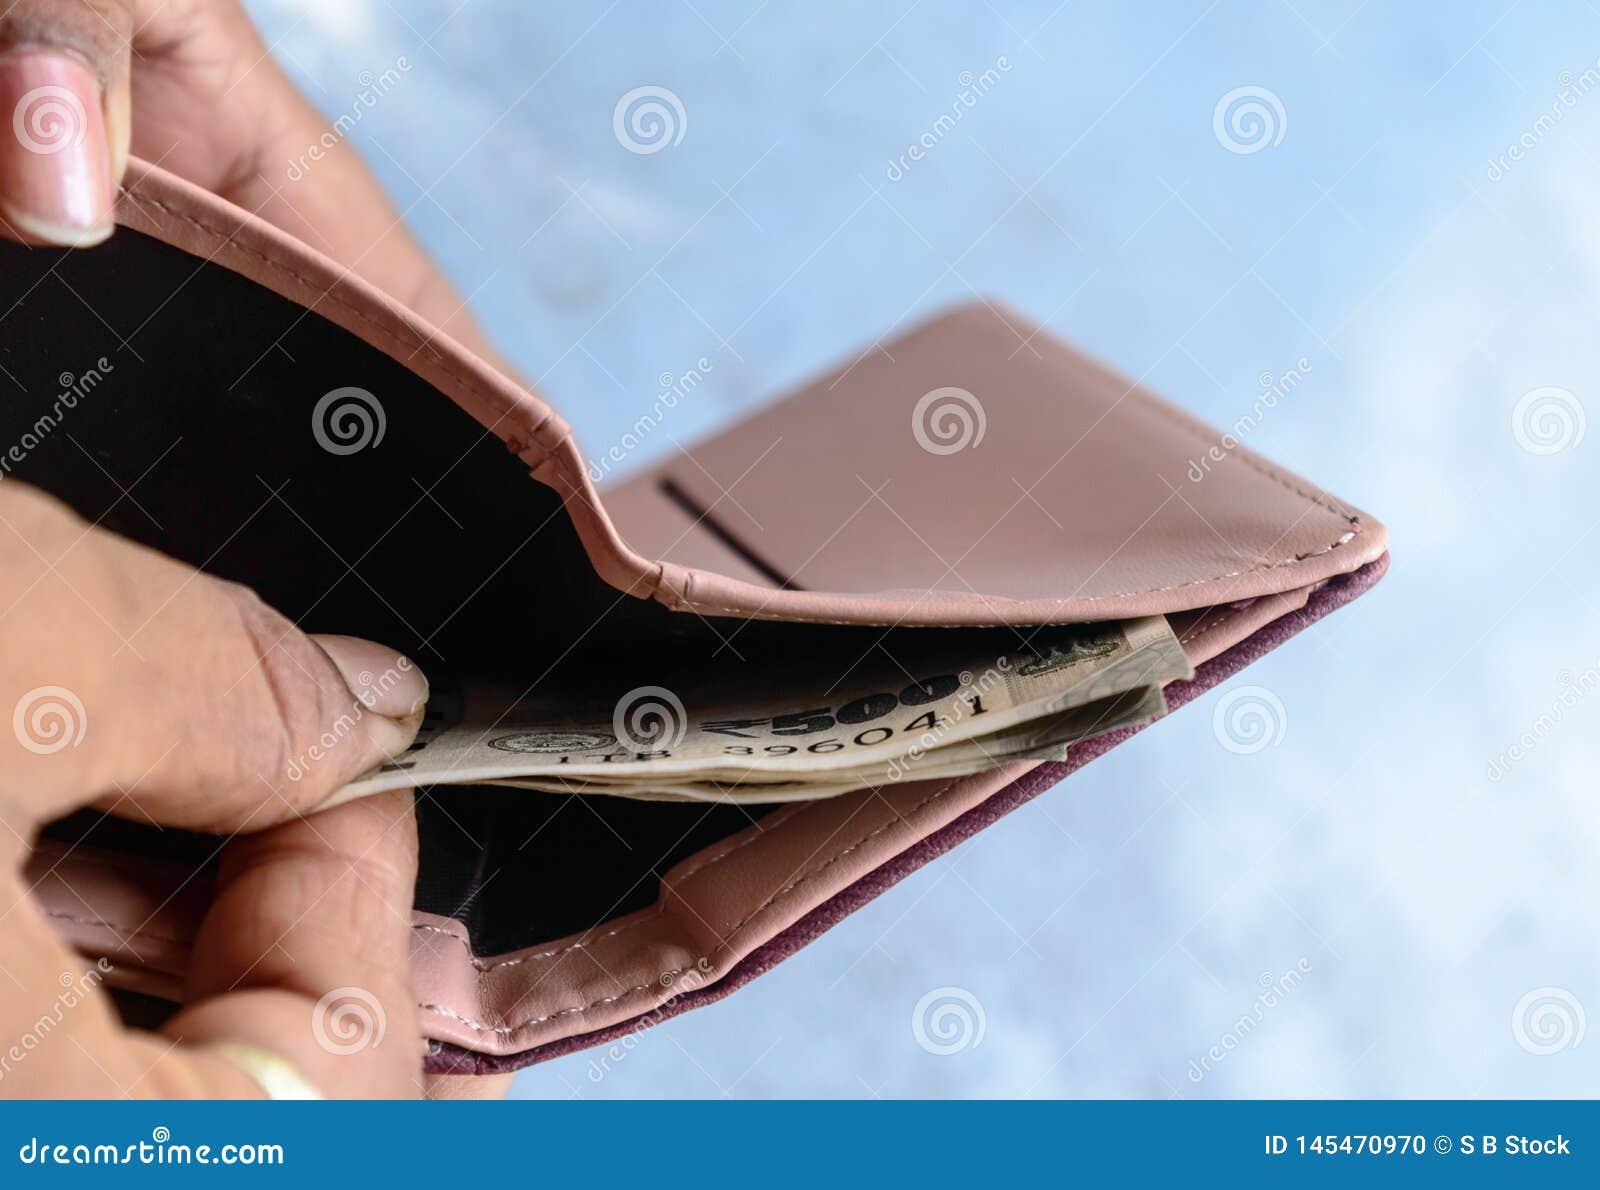 Geschäftsmann, der sich Banknoten der indischen Rupie von der ledernen Geldbörse setzt oder herausnimmt oder zahlt Lokalisierter